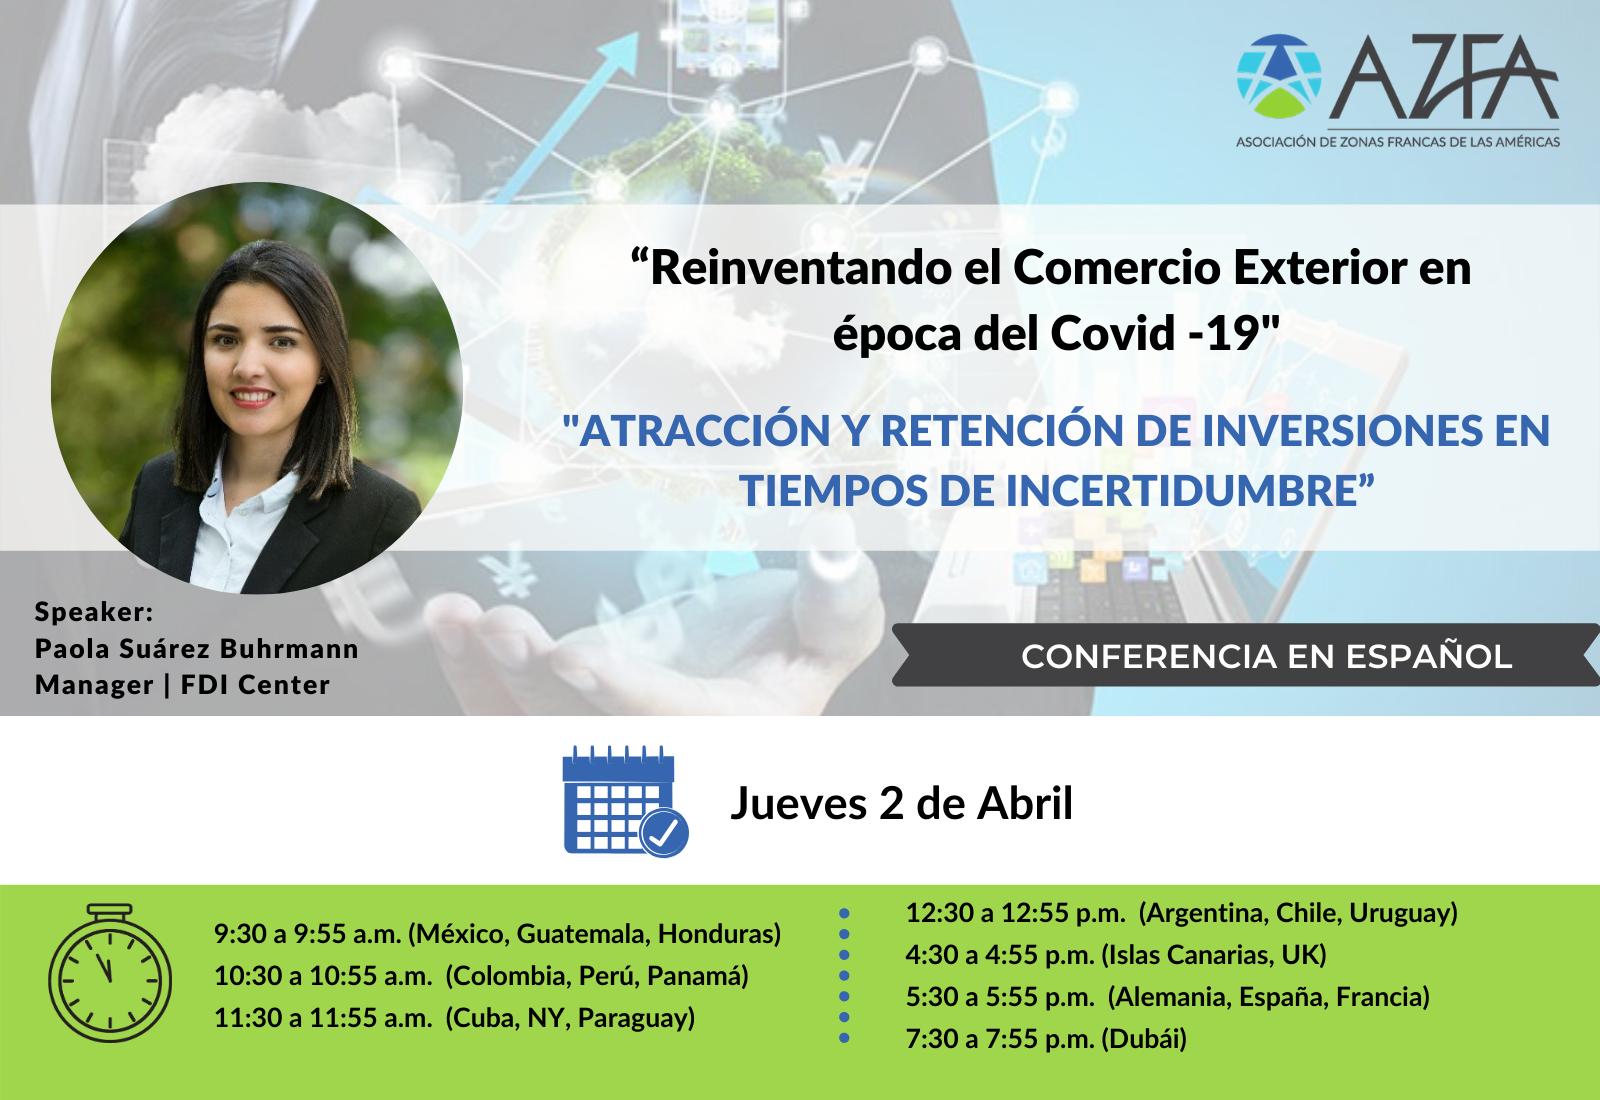 Virtual Trade Summit | Atracción y retención de inversiones en tiempos de incertidumbre